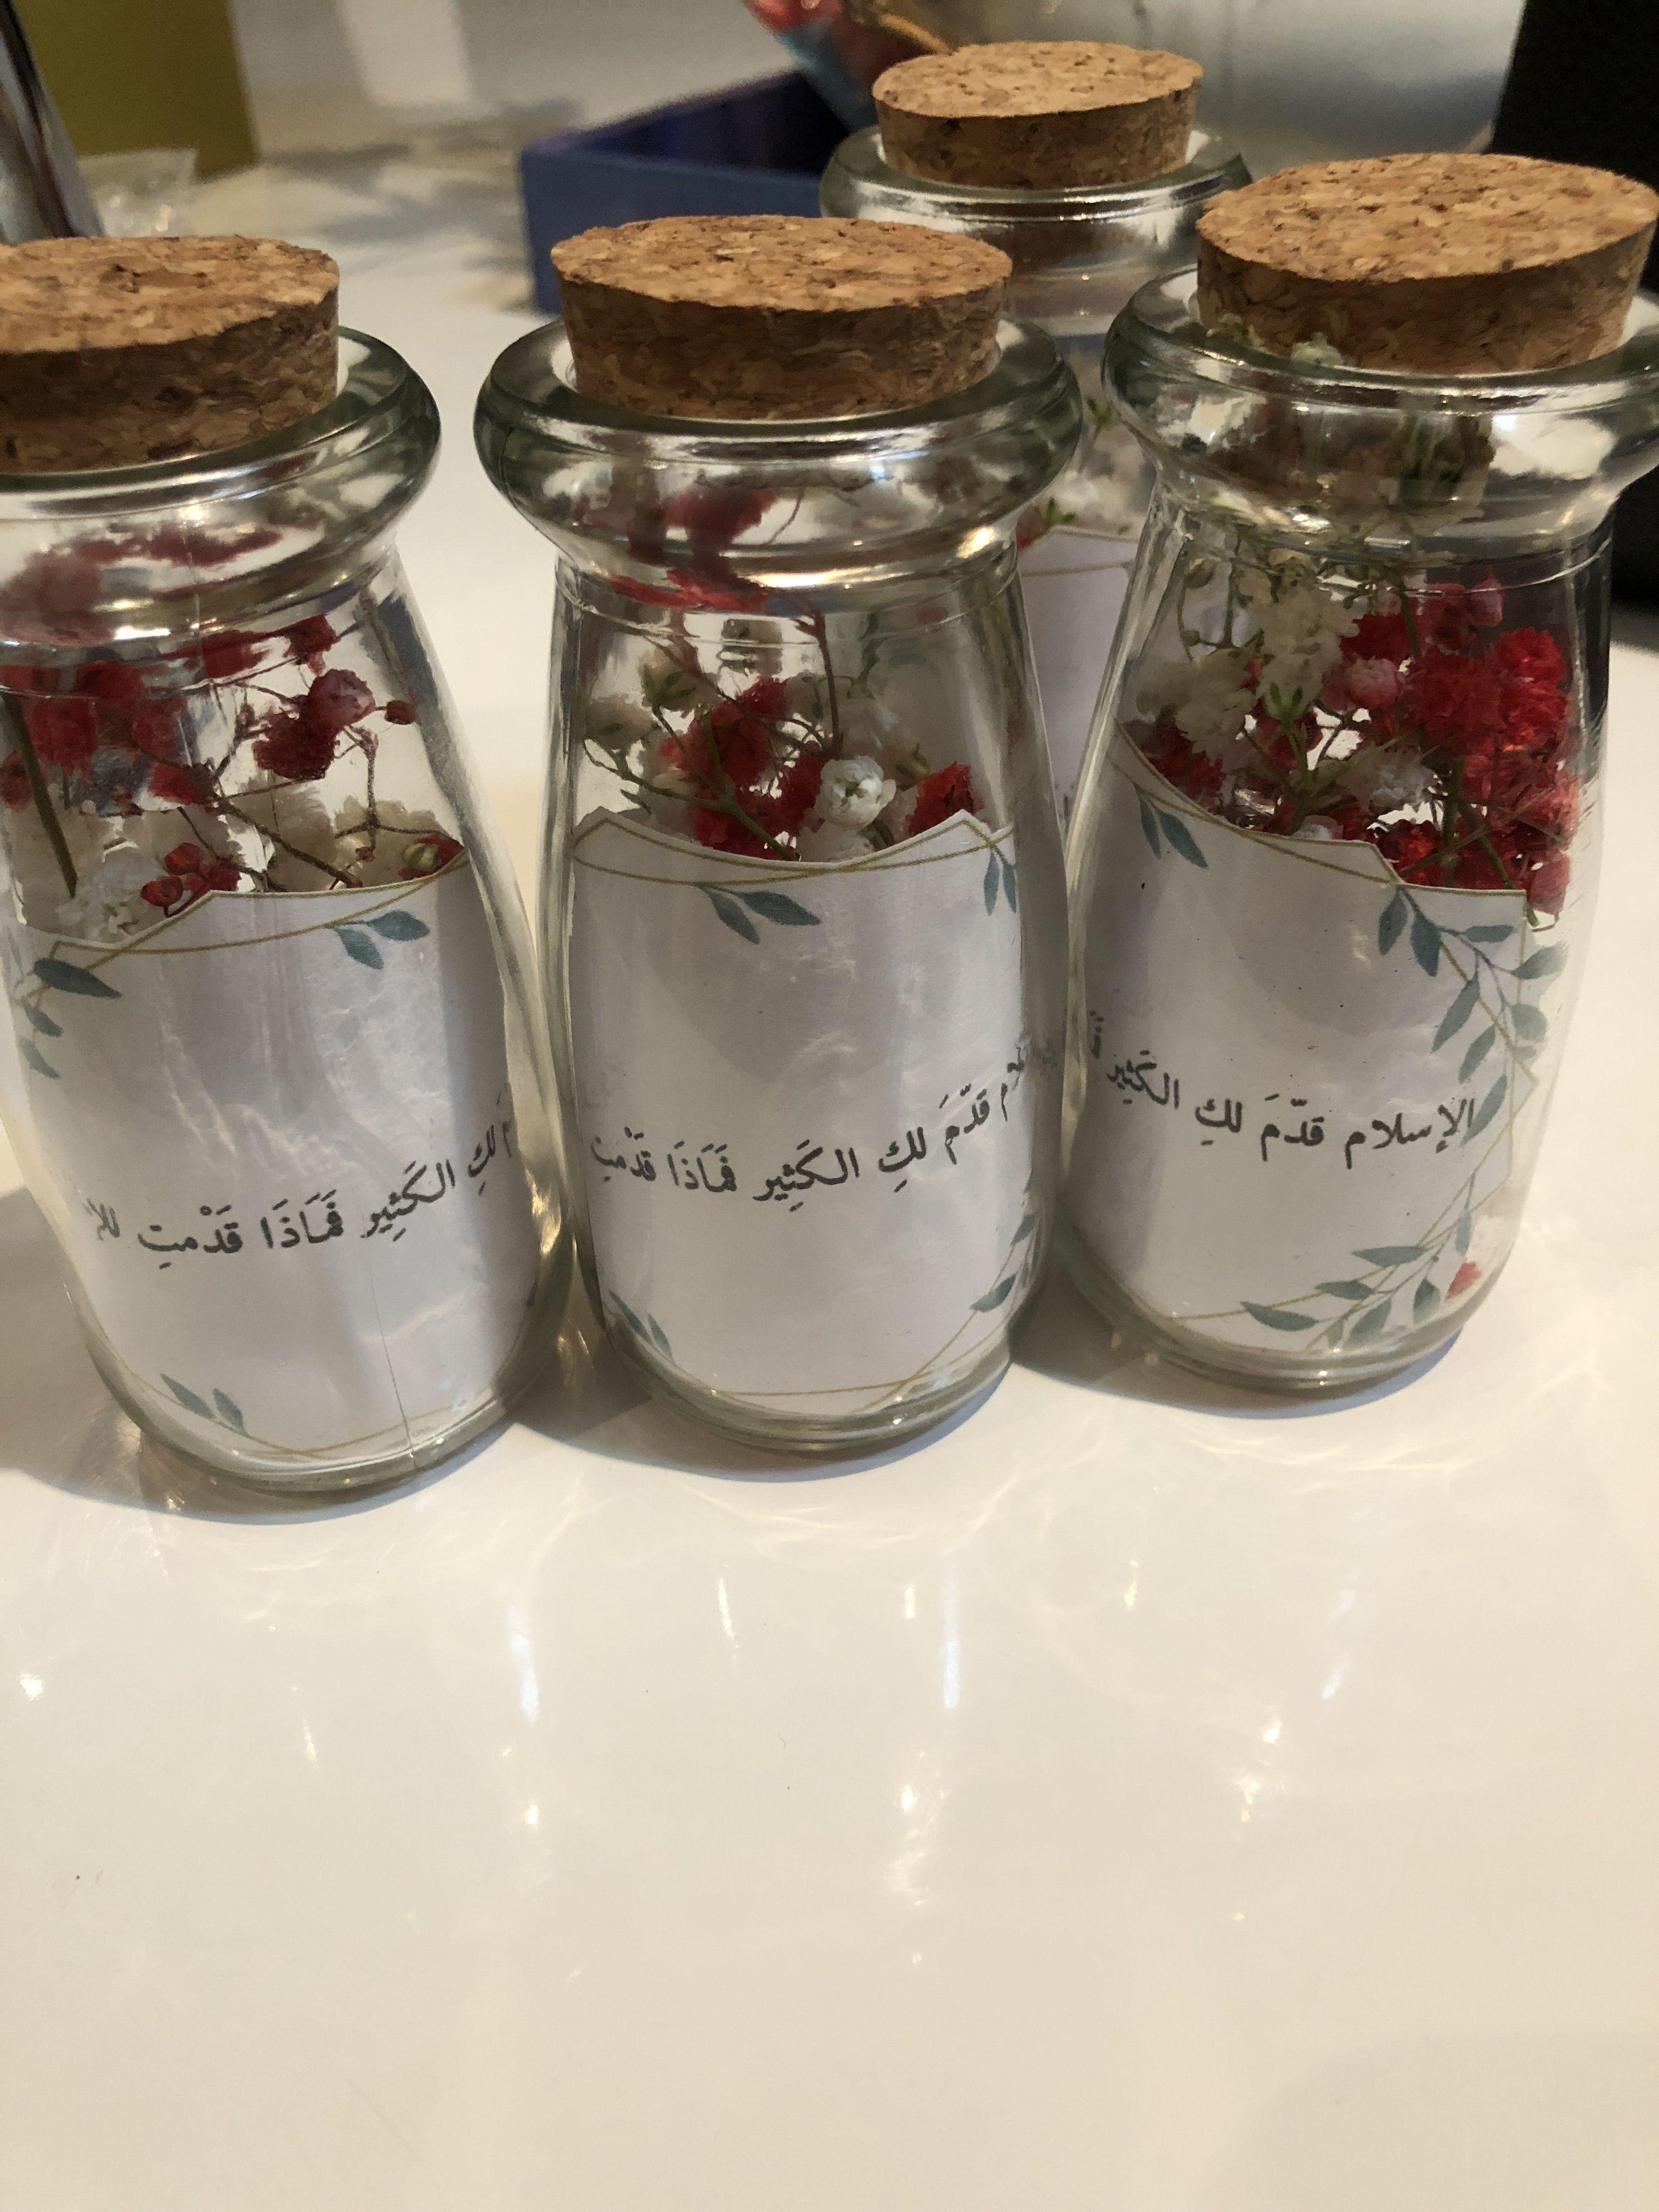 توزيعات افكار اسلام فوائد دينية ورد رسالة مشروع الإسلام قد م لك الكثير فماذا قدمت لل Diy Birthday Gifts Creative Gift Wrapping Party Survival Kit